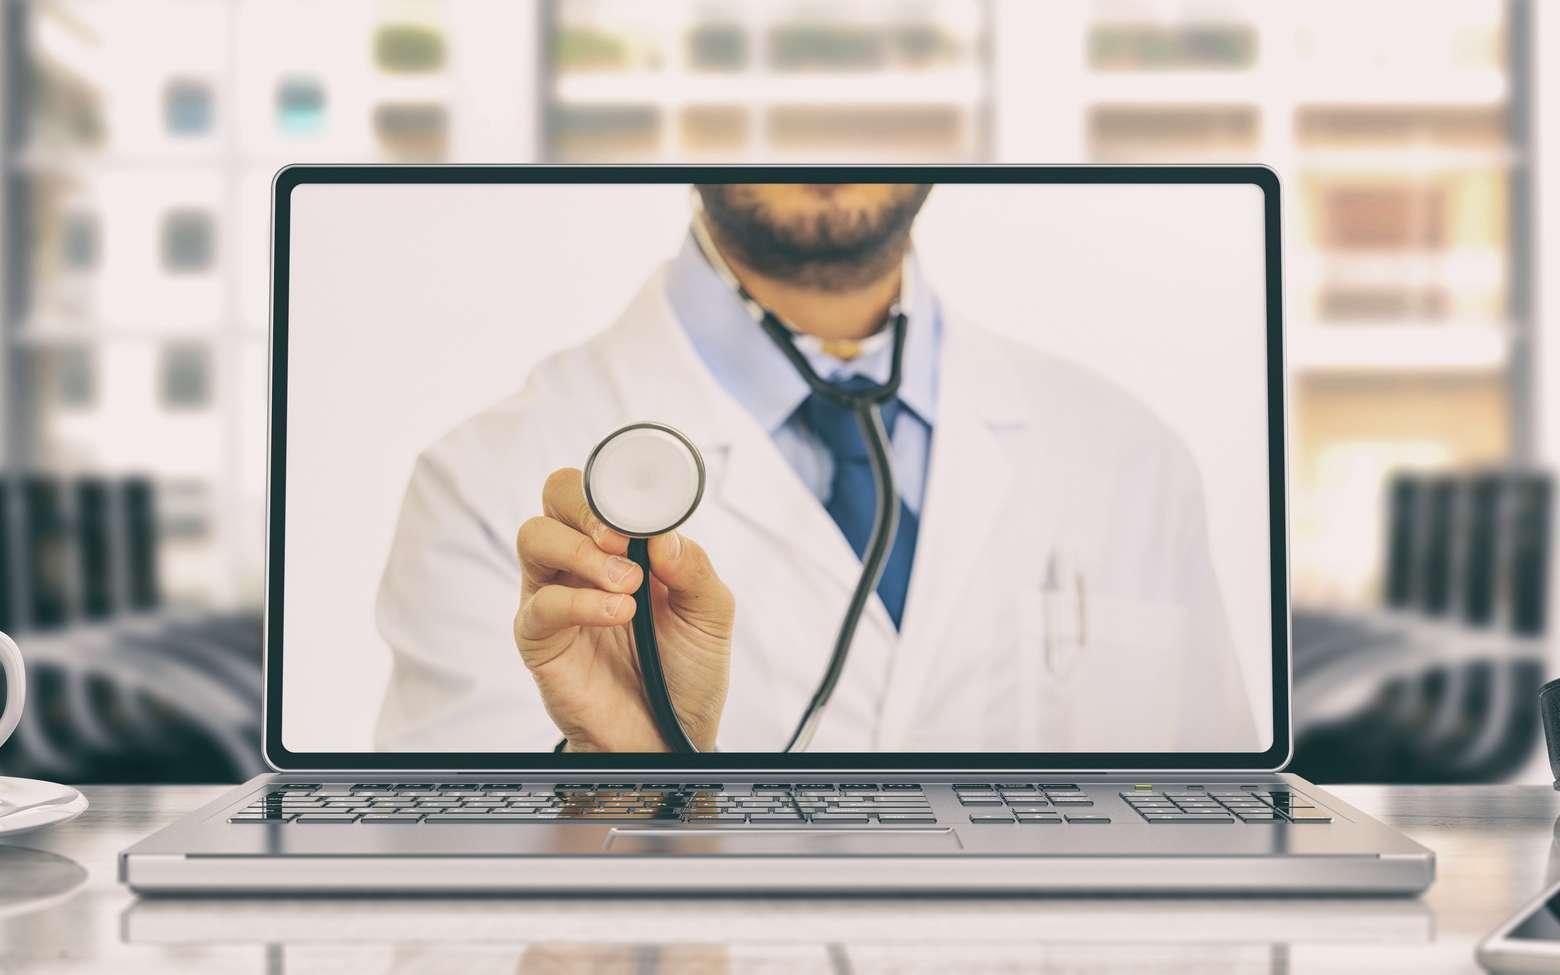 Téléconsultation : comment en bénéficier, quels médecins et pathologies sont concernés. © Rawf8, Fotolia